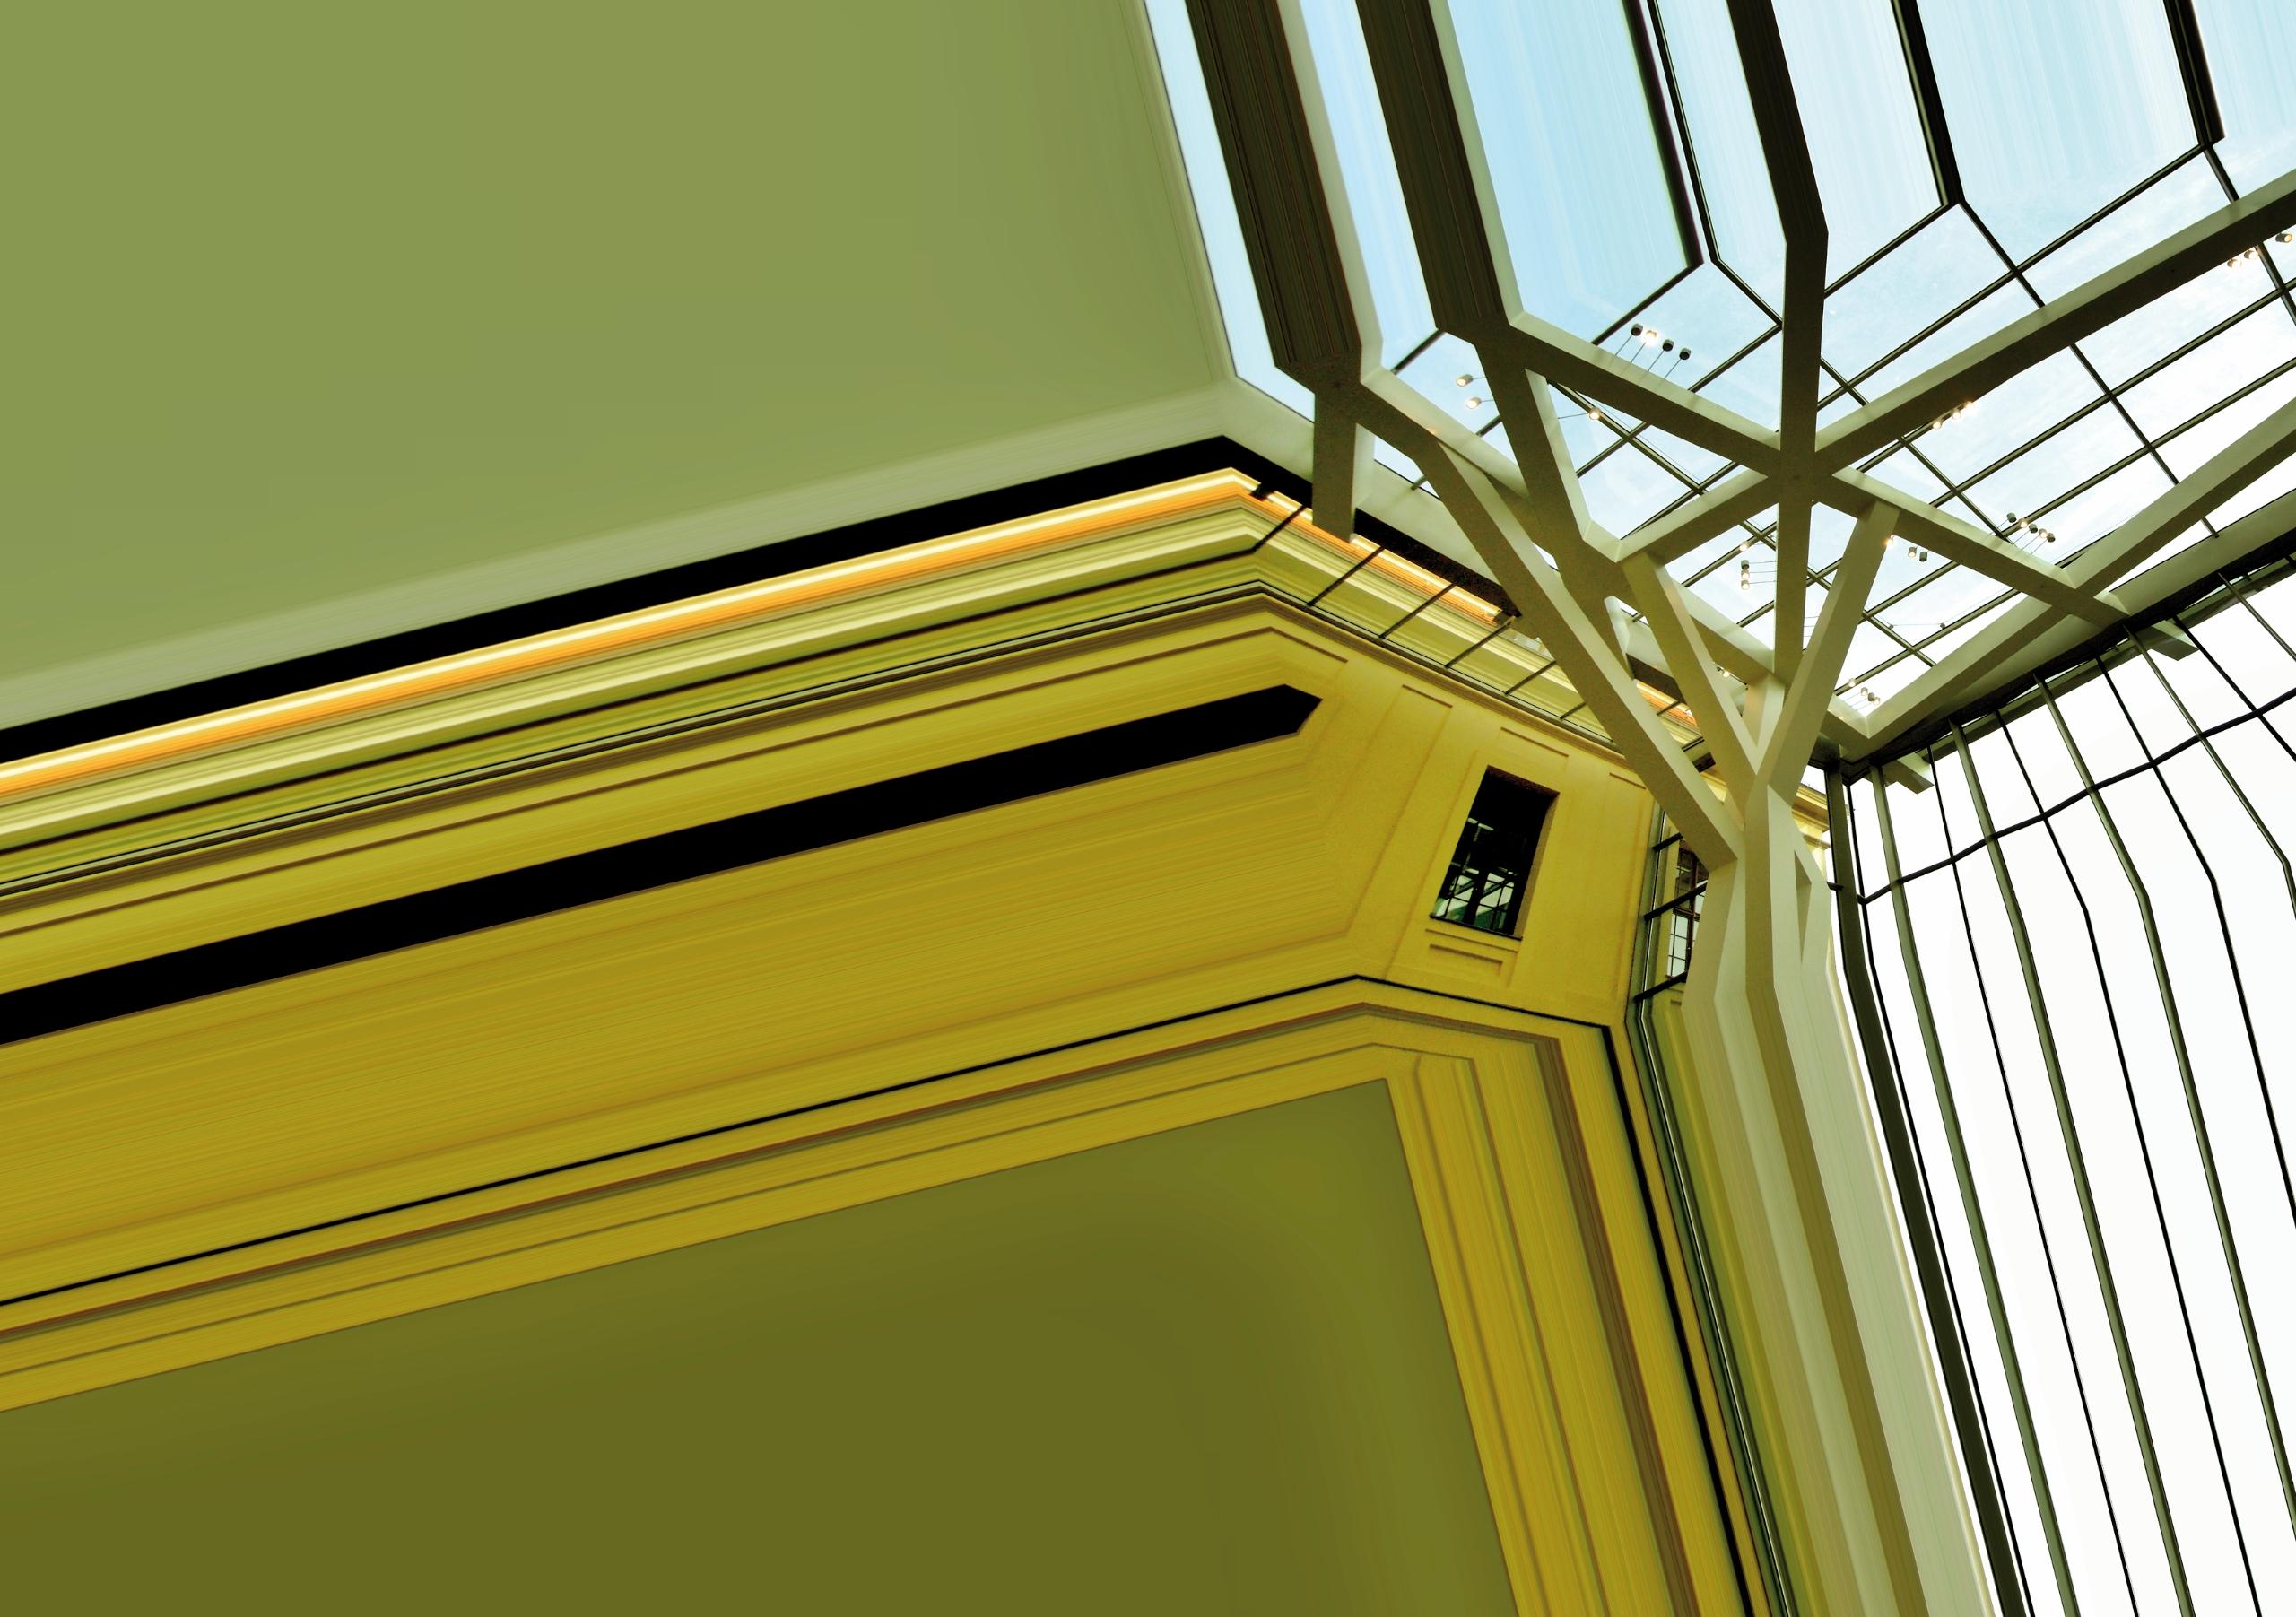 2D-3D Transformation - Design, Architecture - marcomariosimonetti   ello